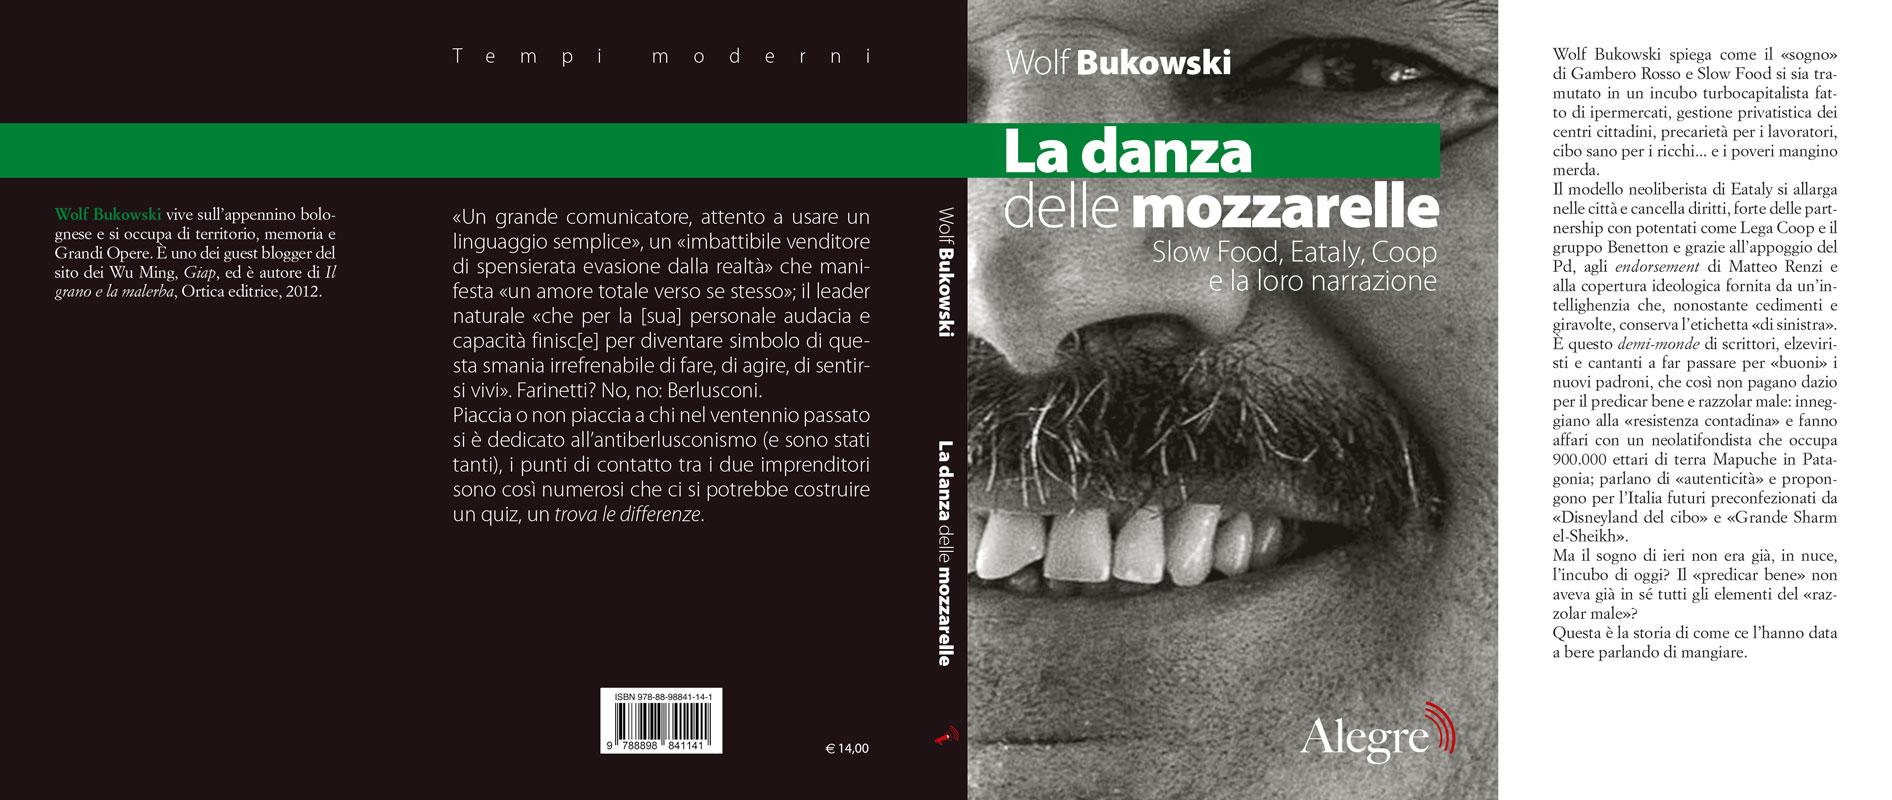 Wolf Bukowski, La danza delle mozzarelle, stesa